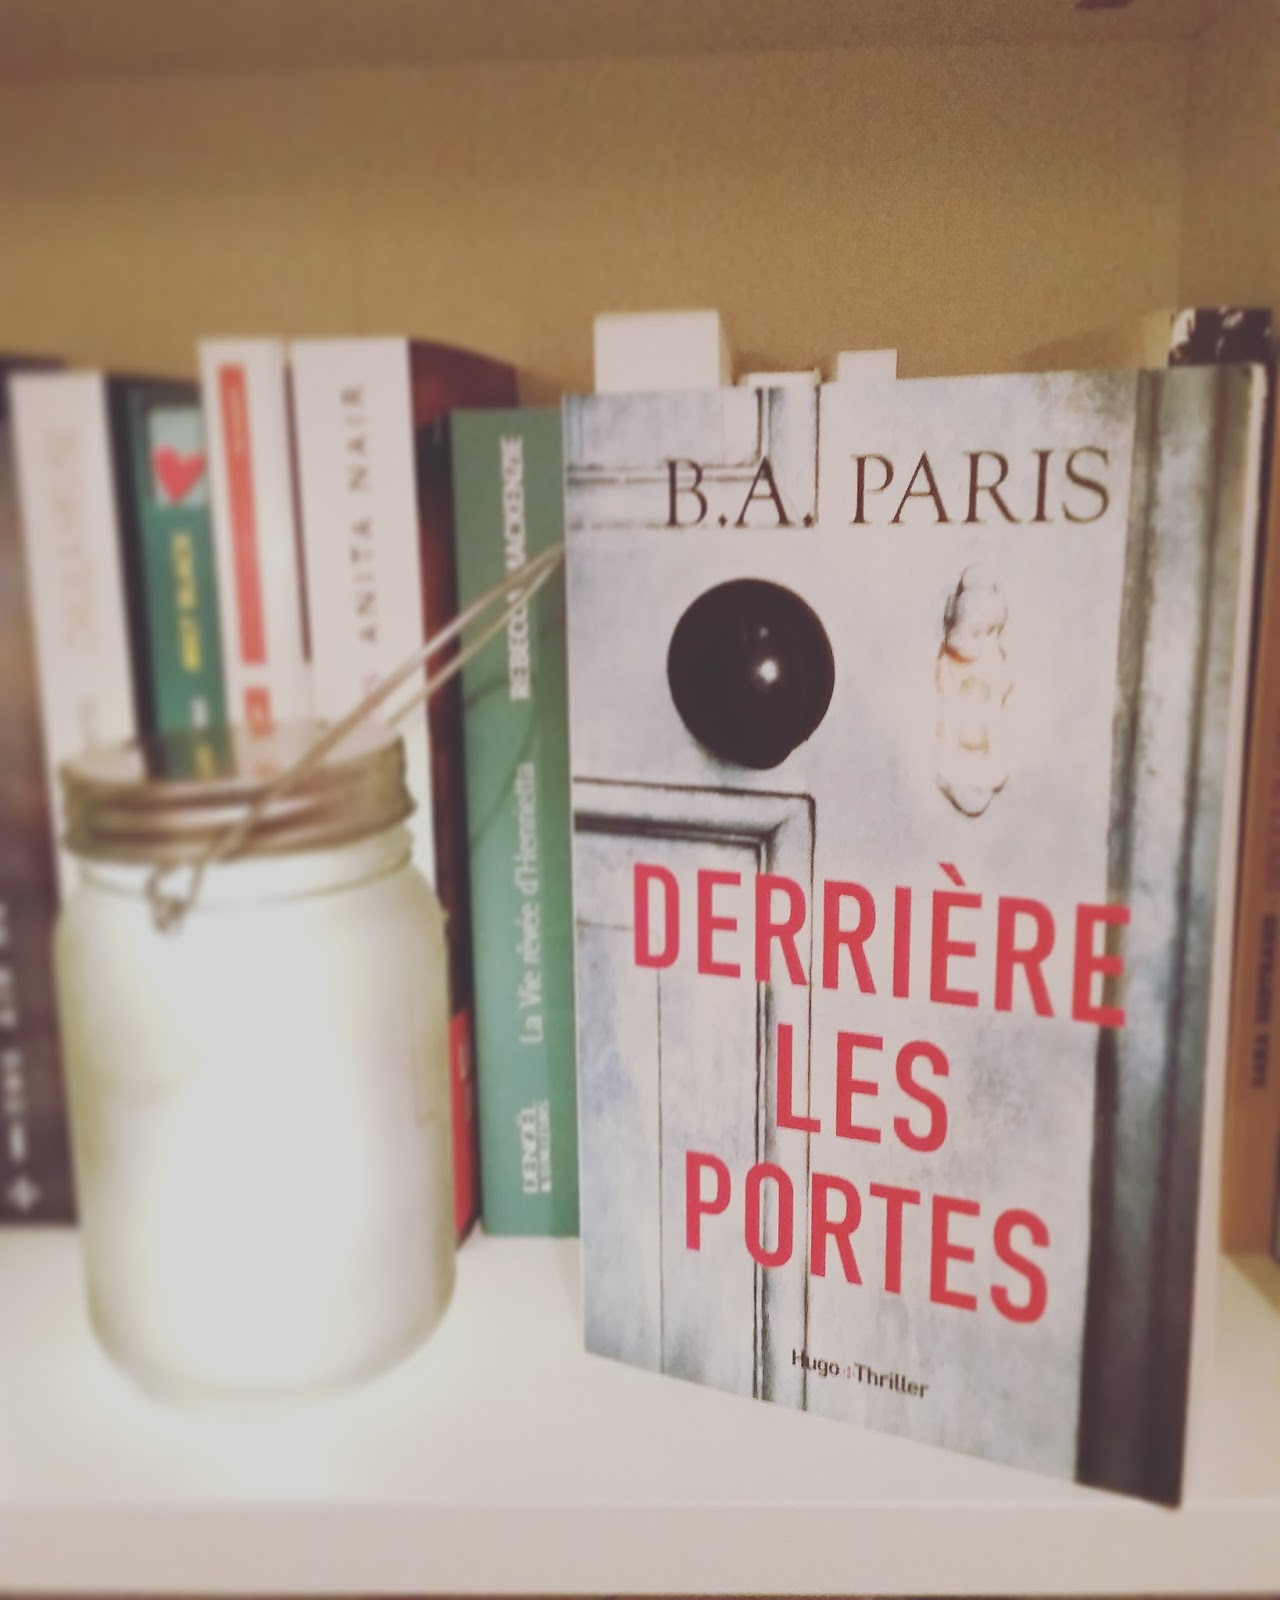 Au jardin suspendu derri re les portes de b a paris - Derriere les portes fermees streaming ...